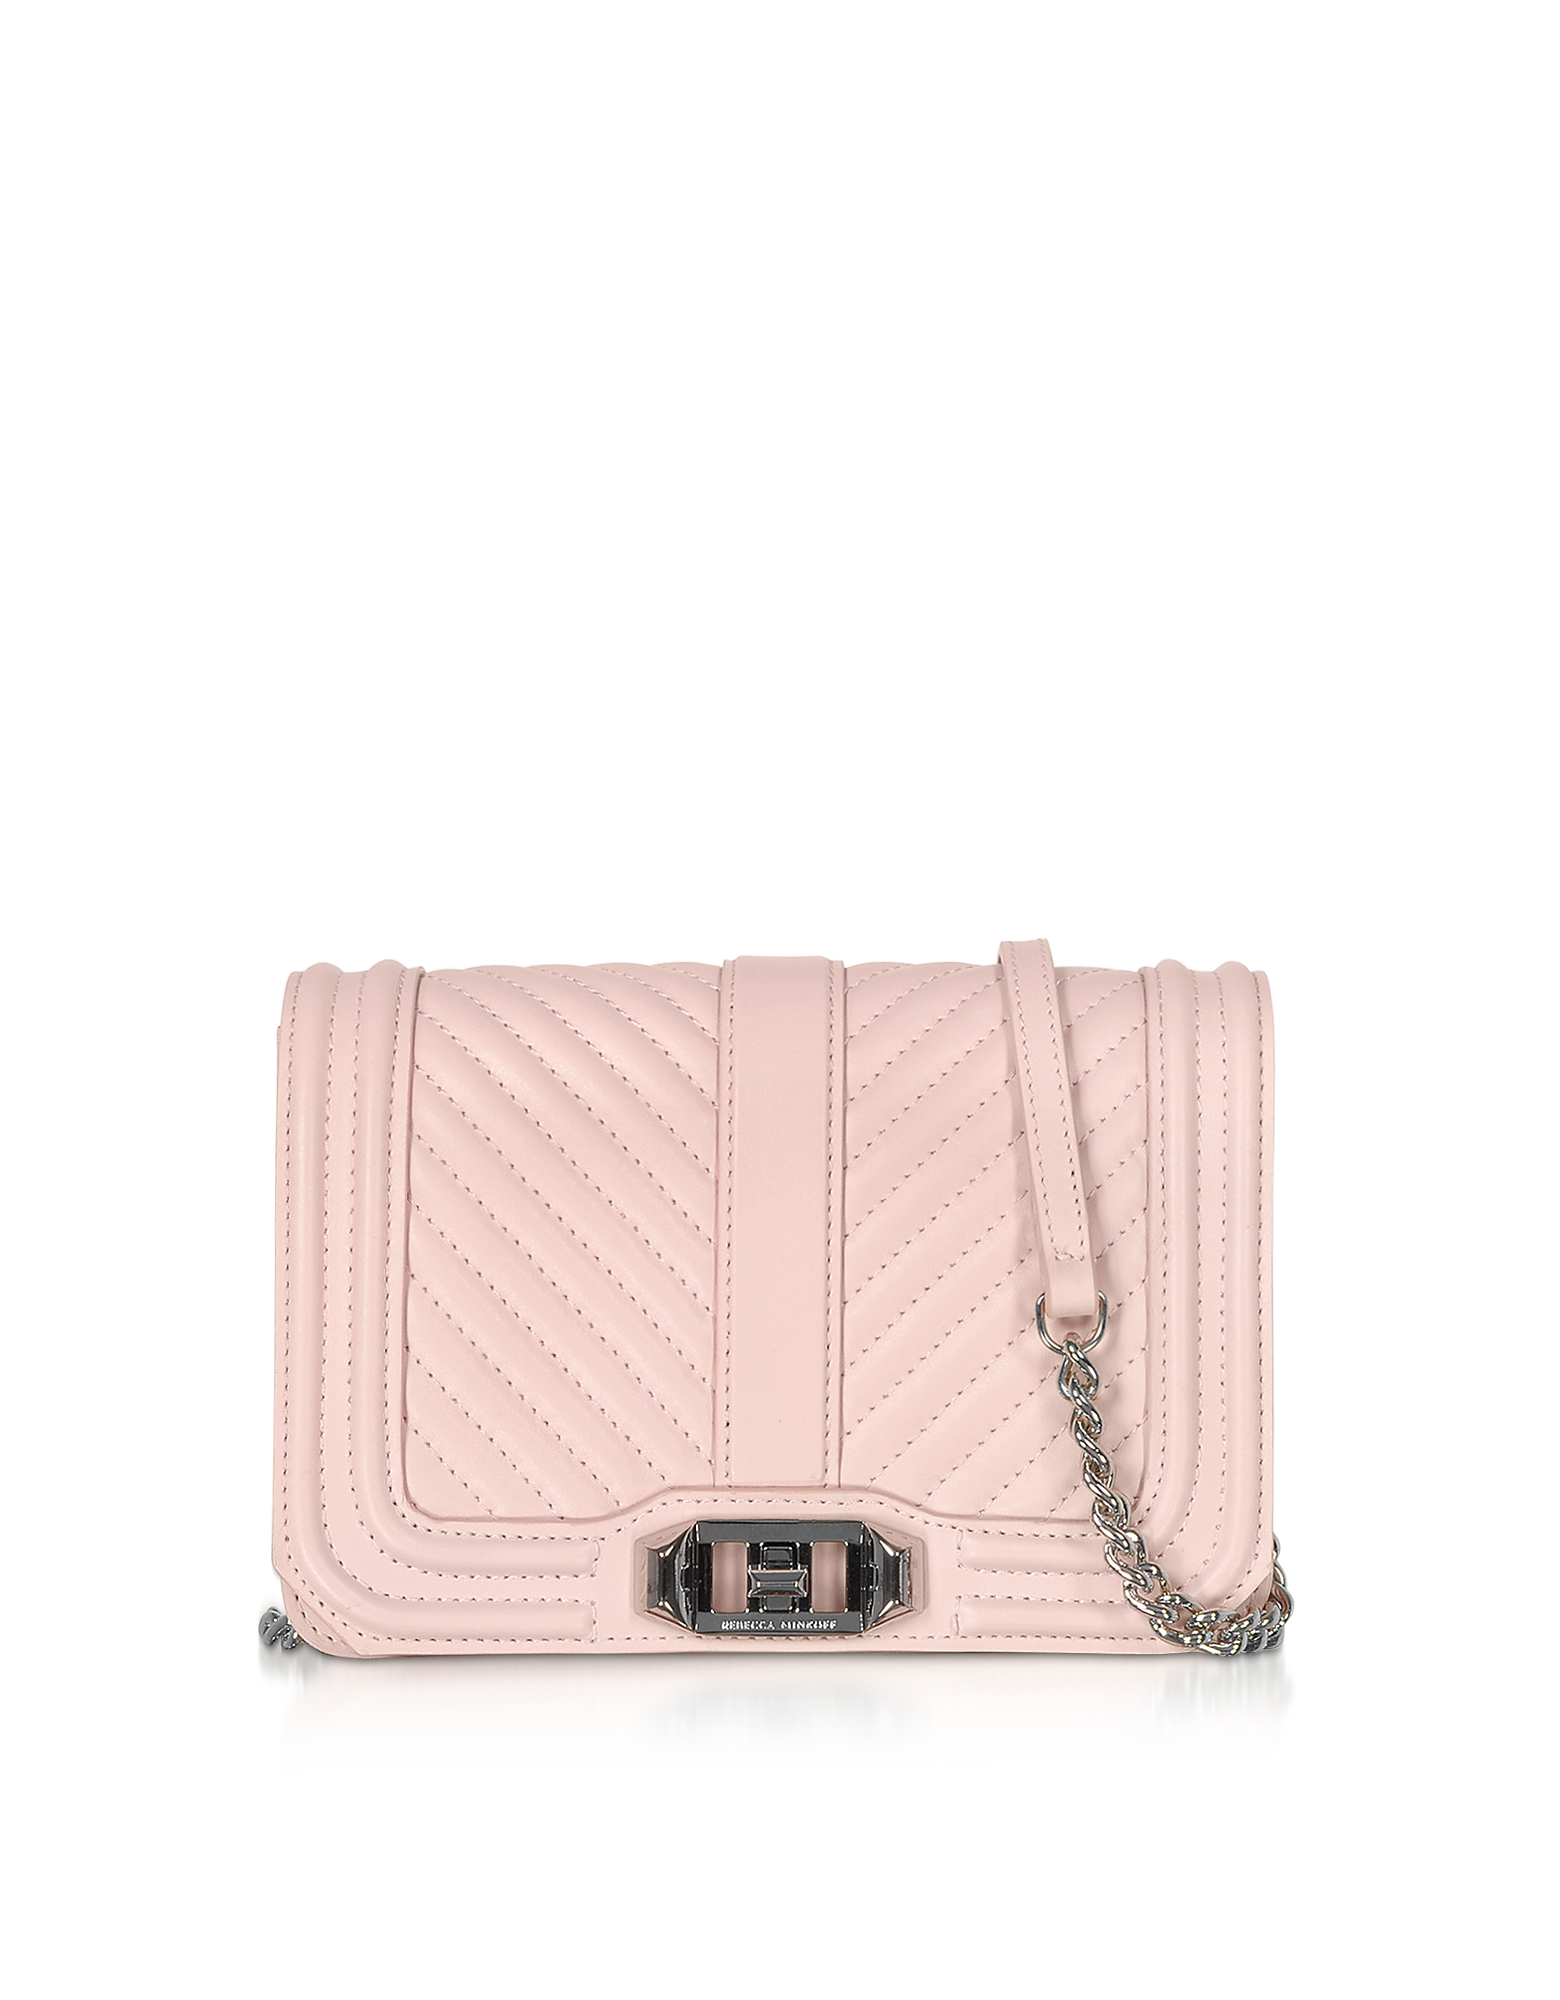 Rebecca Minkoff Designer Handbags, Nappa Leather Small Love Crossbody